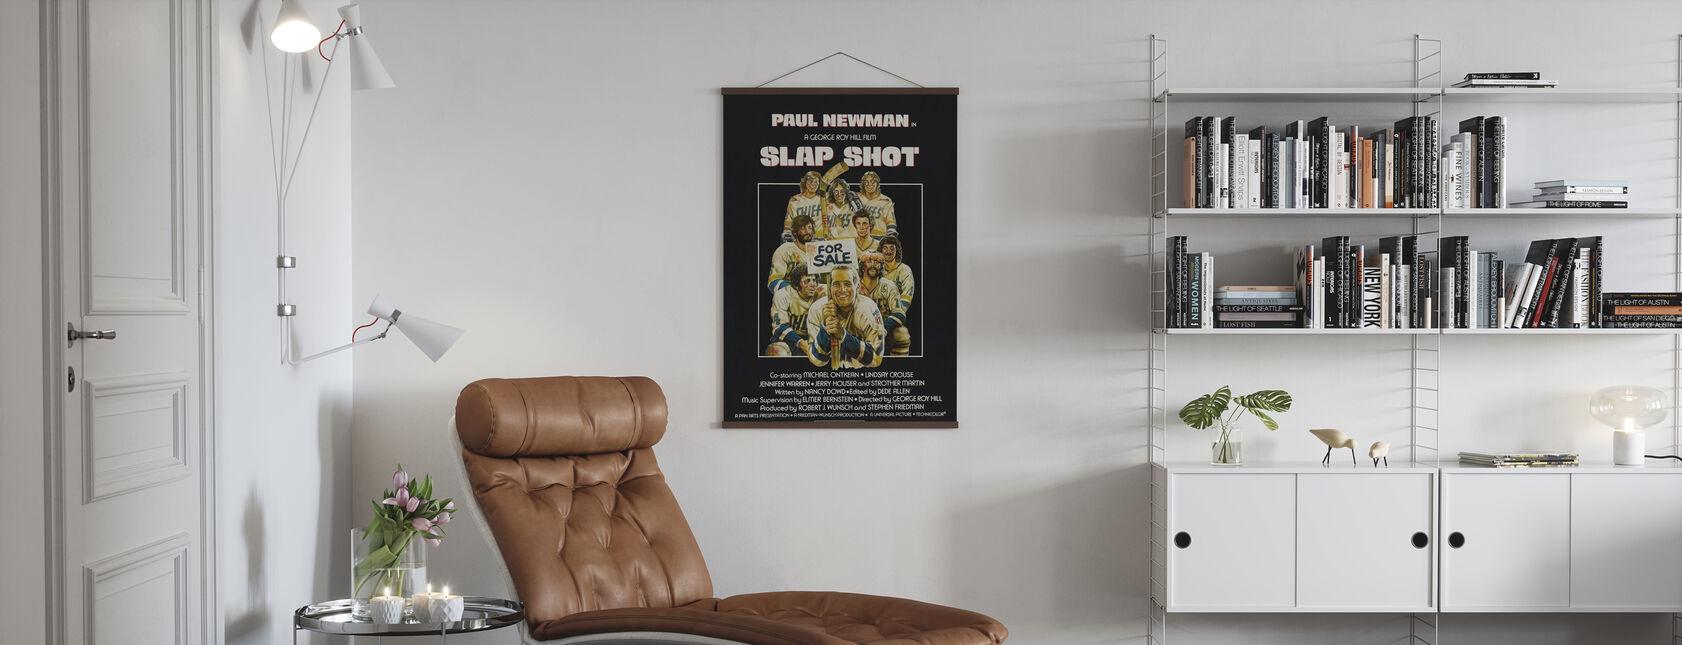 Slap Shot - Poster - Living Room